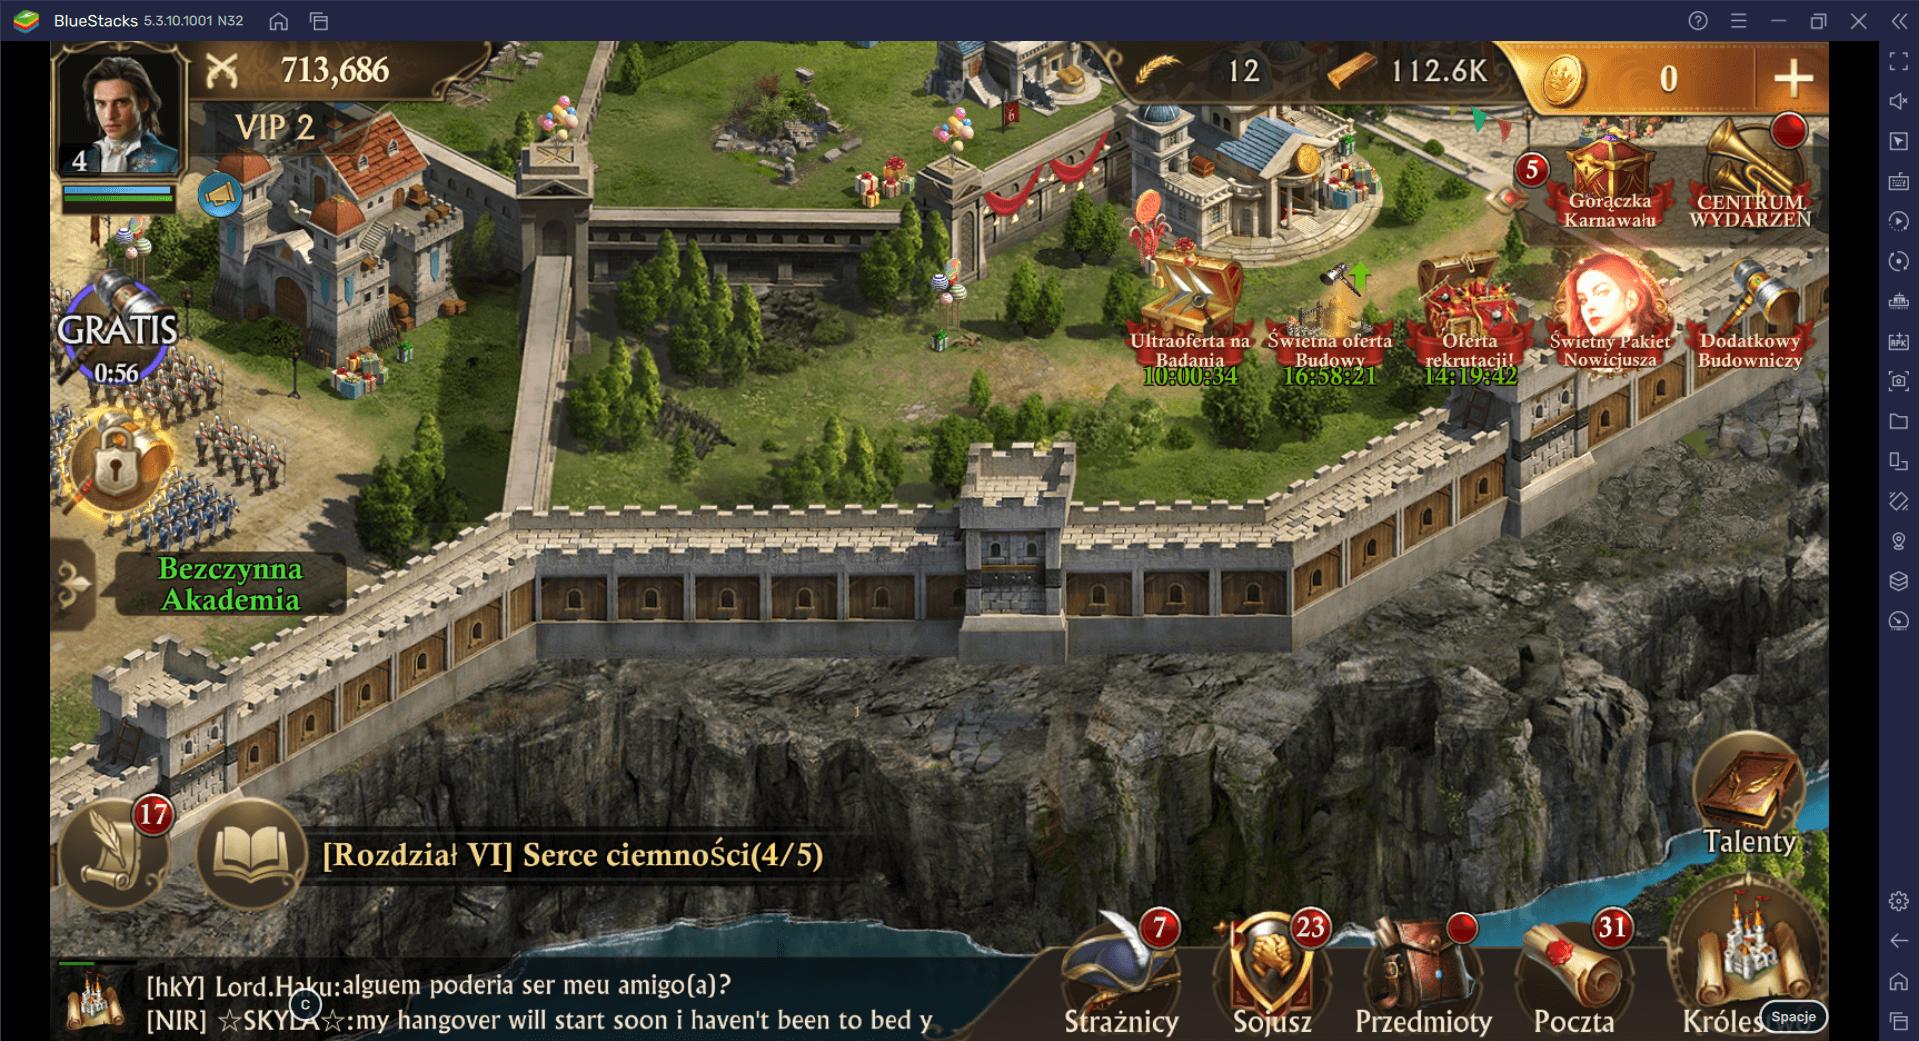 Wzmacnianie budynku straży w Guns of Glory